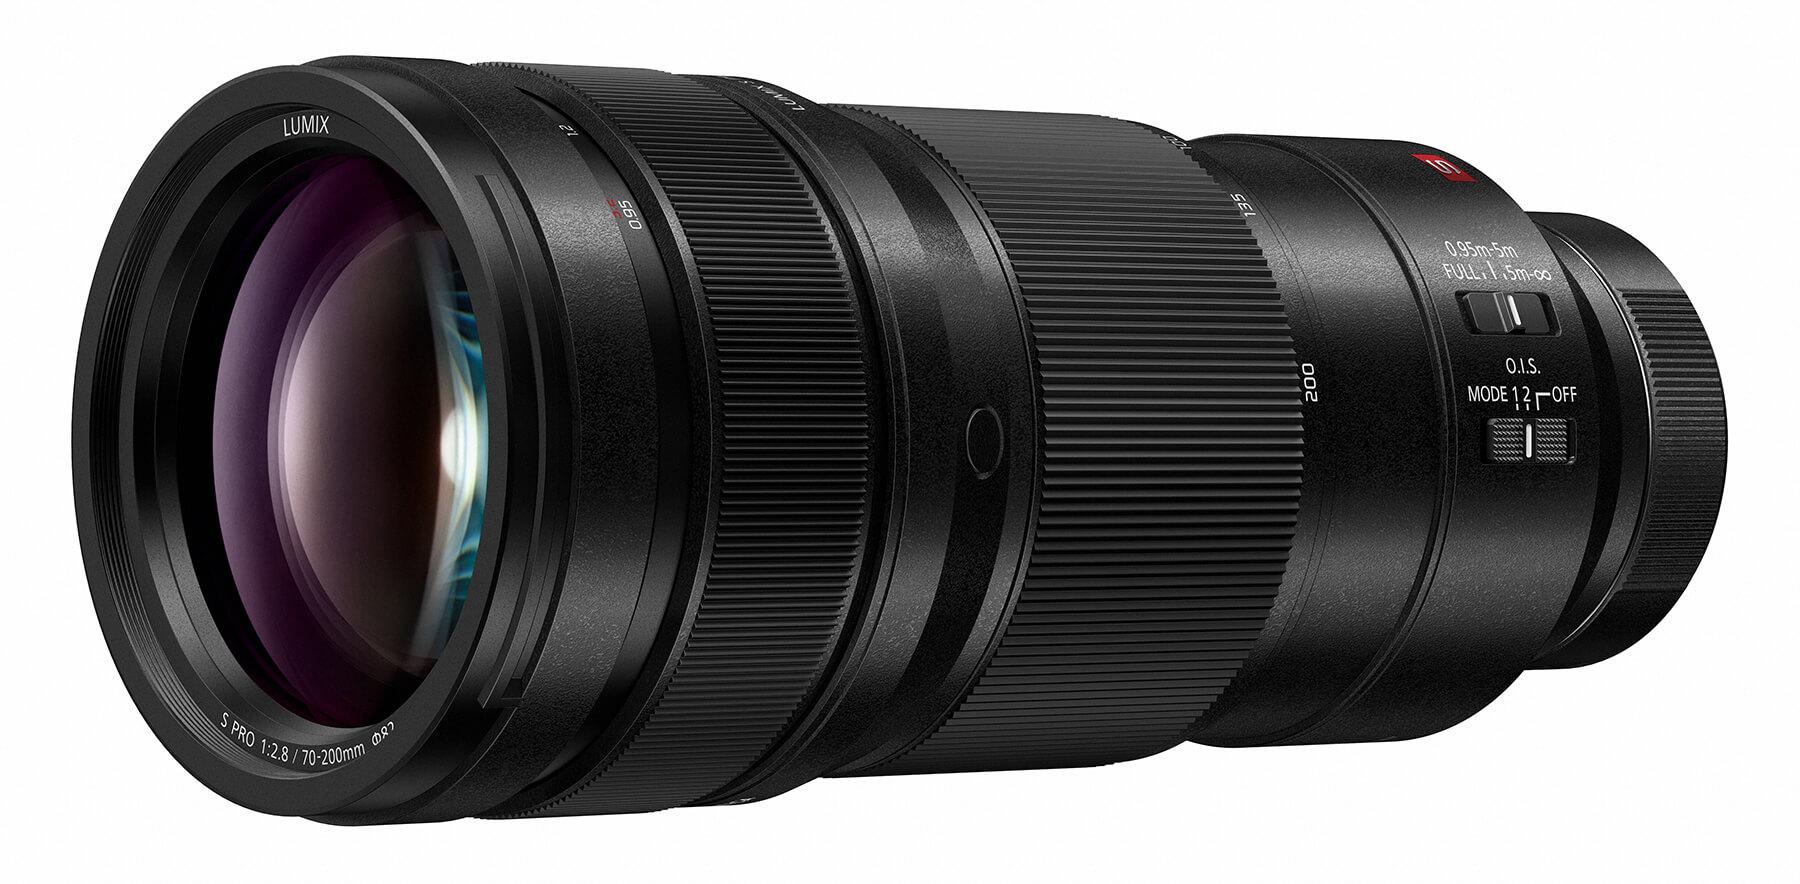 Lumix S Pro 70-200mm f/2.8 O.I.S